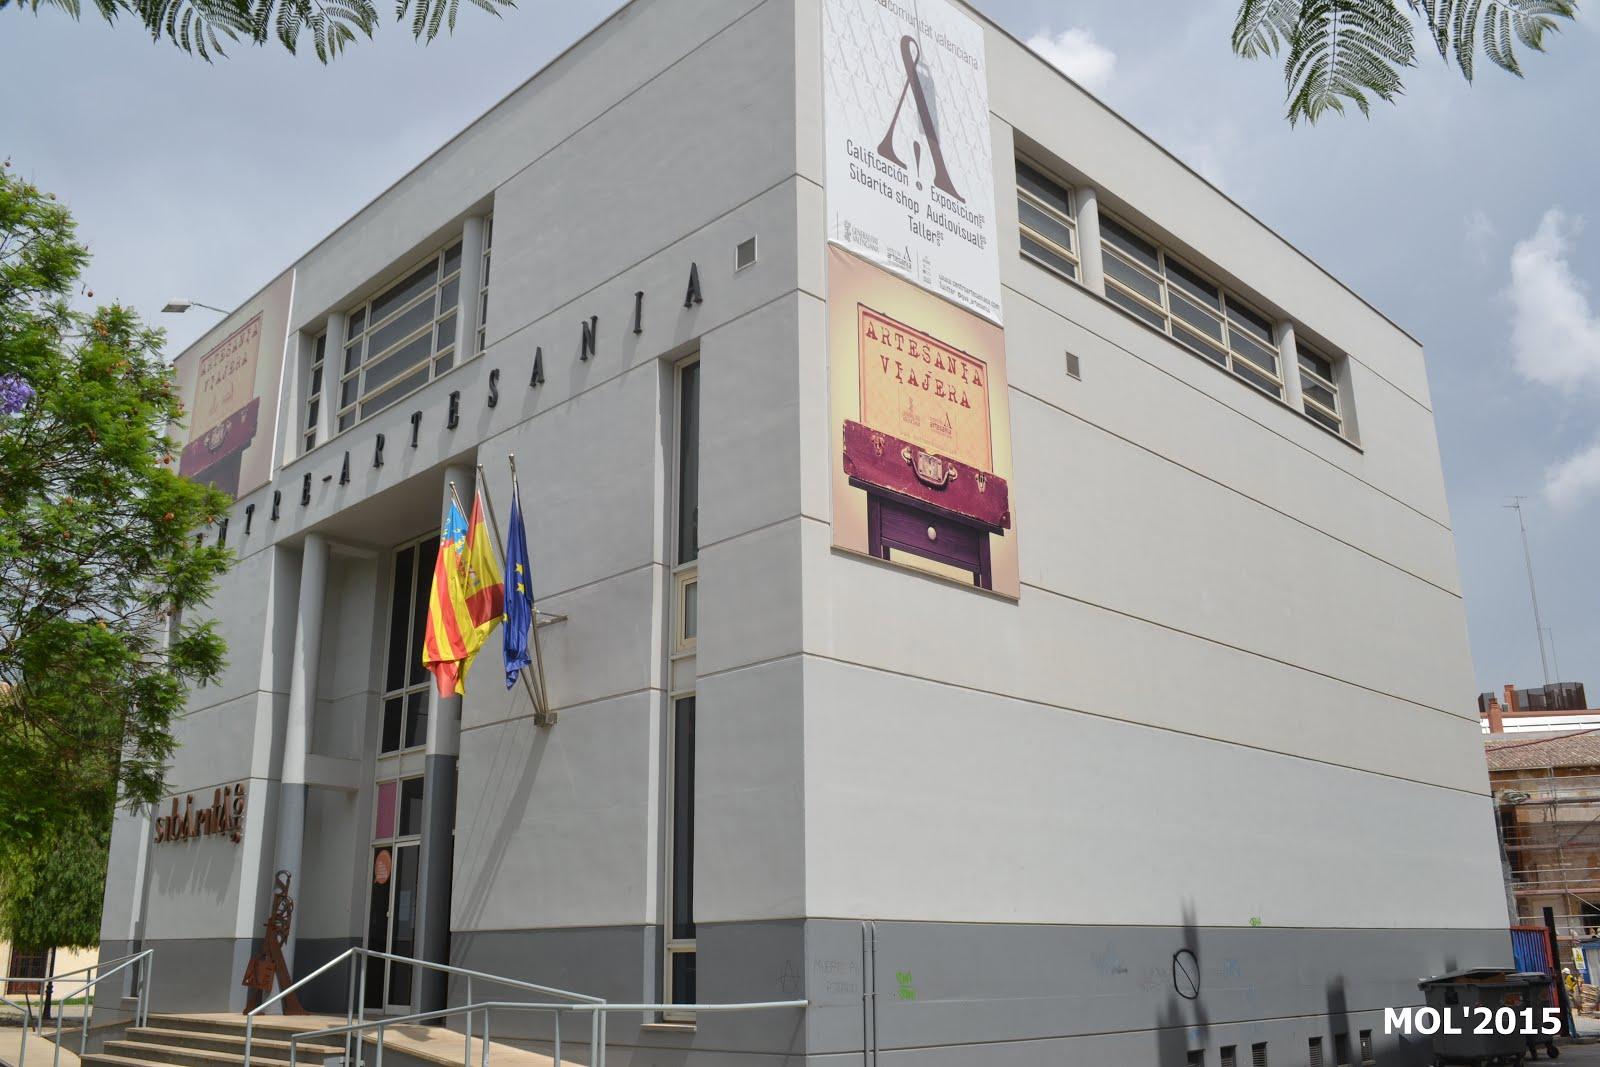 28.09.15 CENTRO DE ARTESANÍA DE LA COMUNITAT VALENCIANA